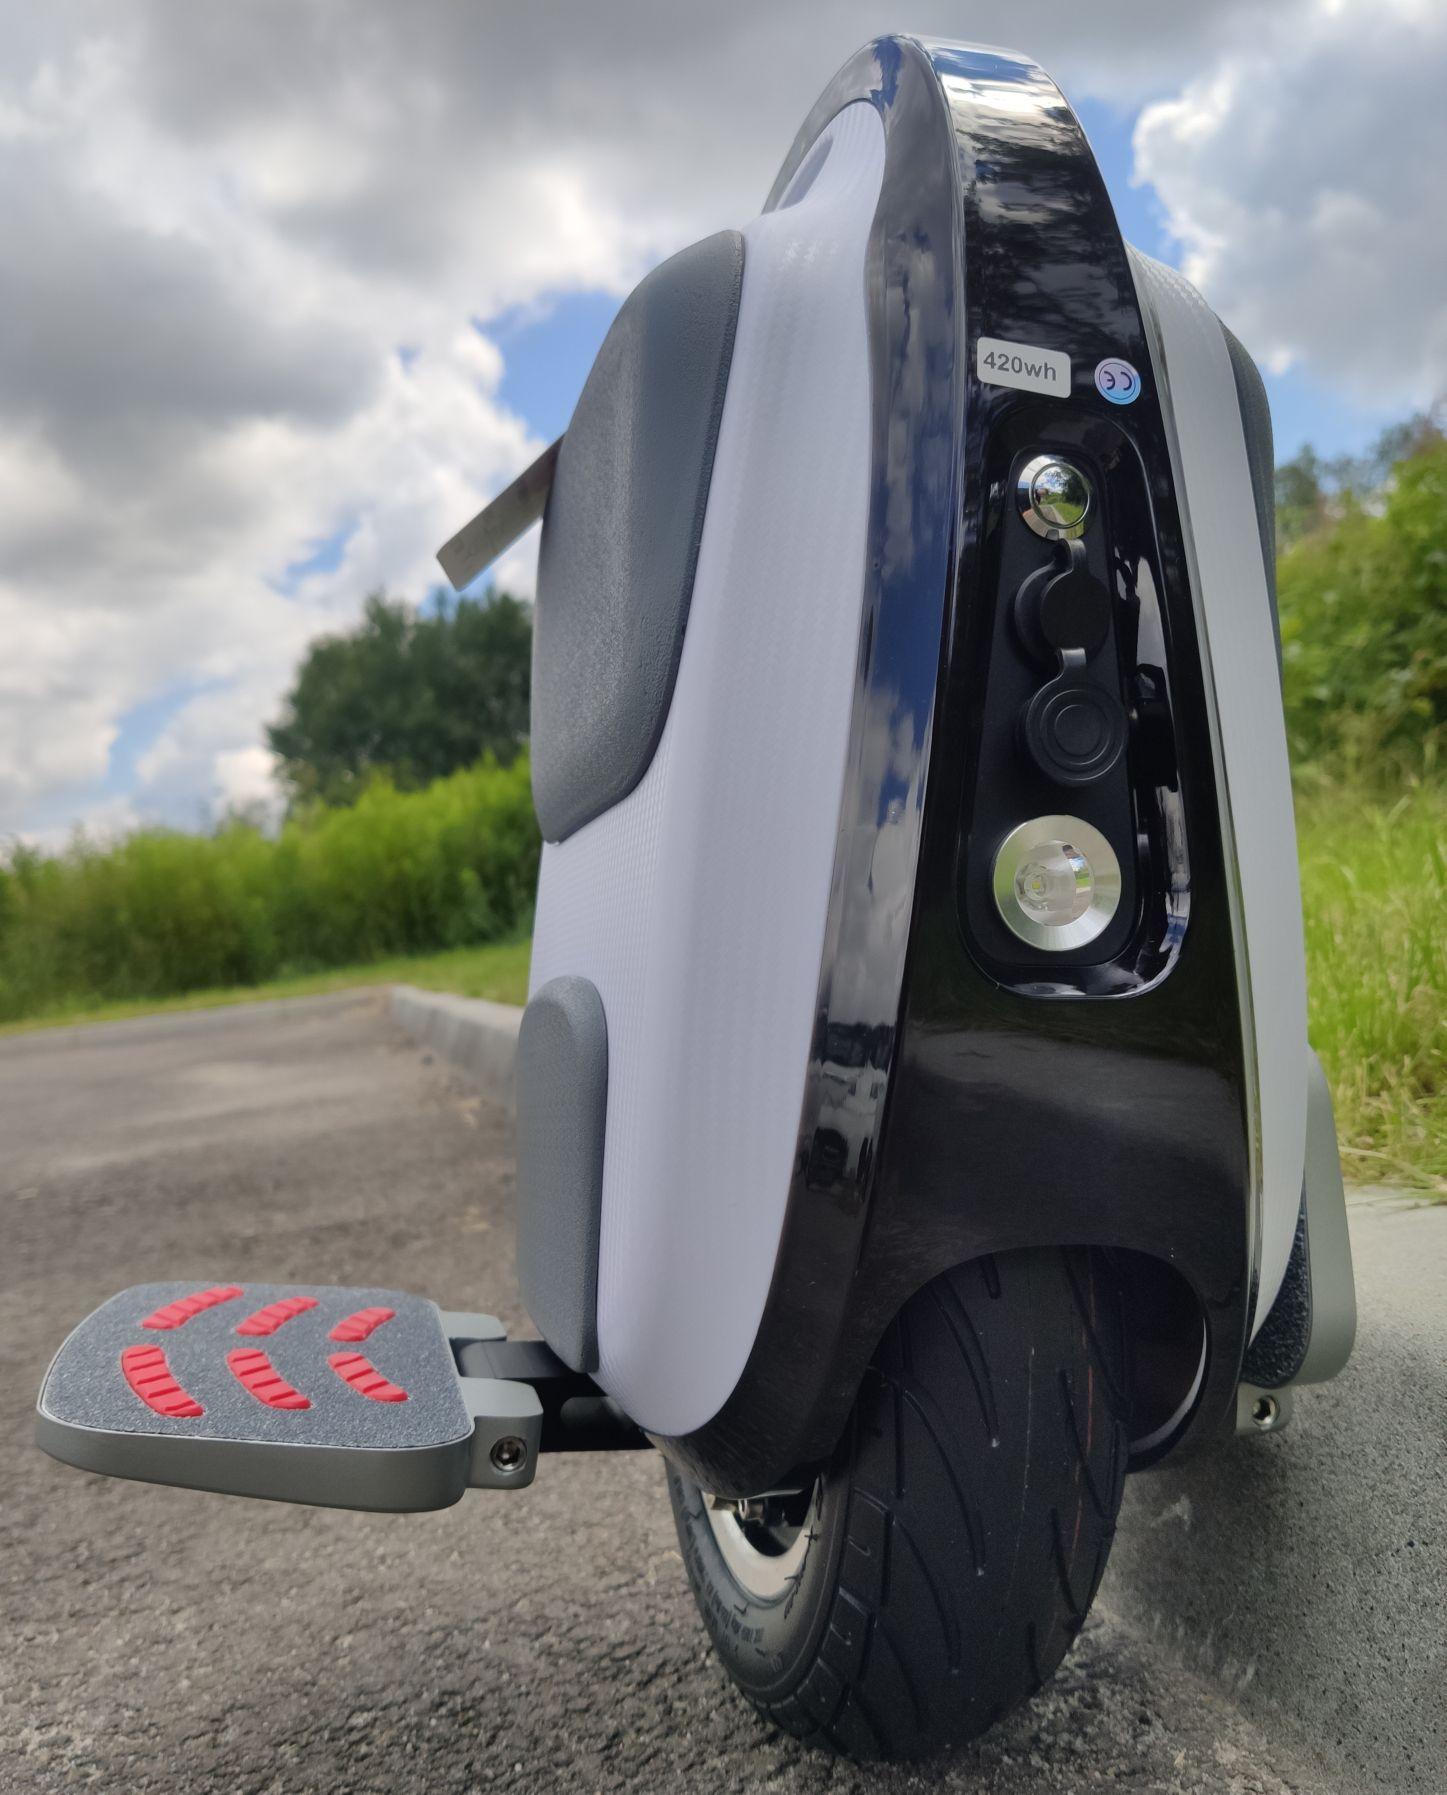 Monocykl elektryczny Mten3 tylko 10kg wagi Prędkość do 40 km/h wysyłka z Polski